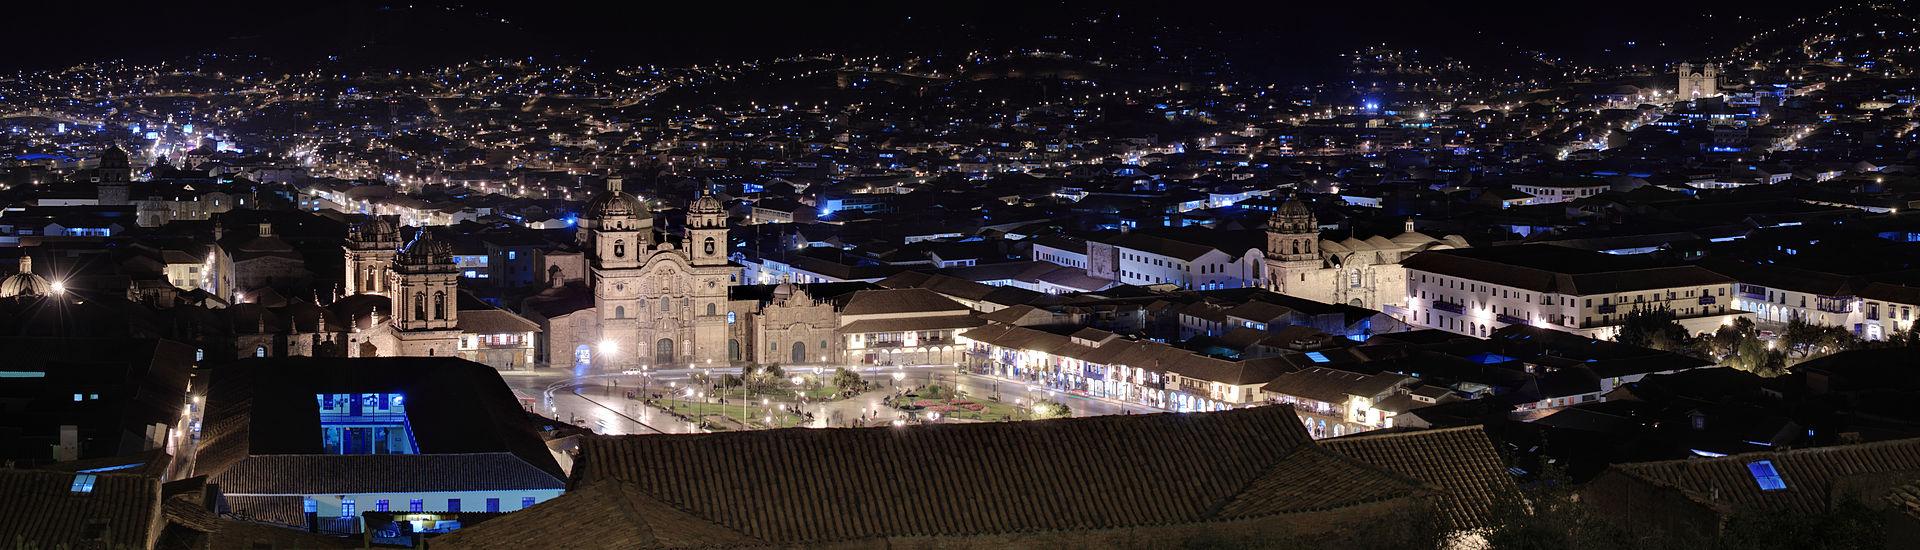 82_-_Cuzco_-_Juin_2009